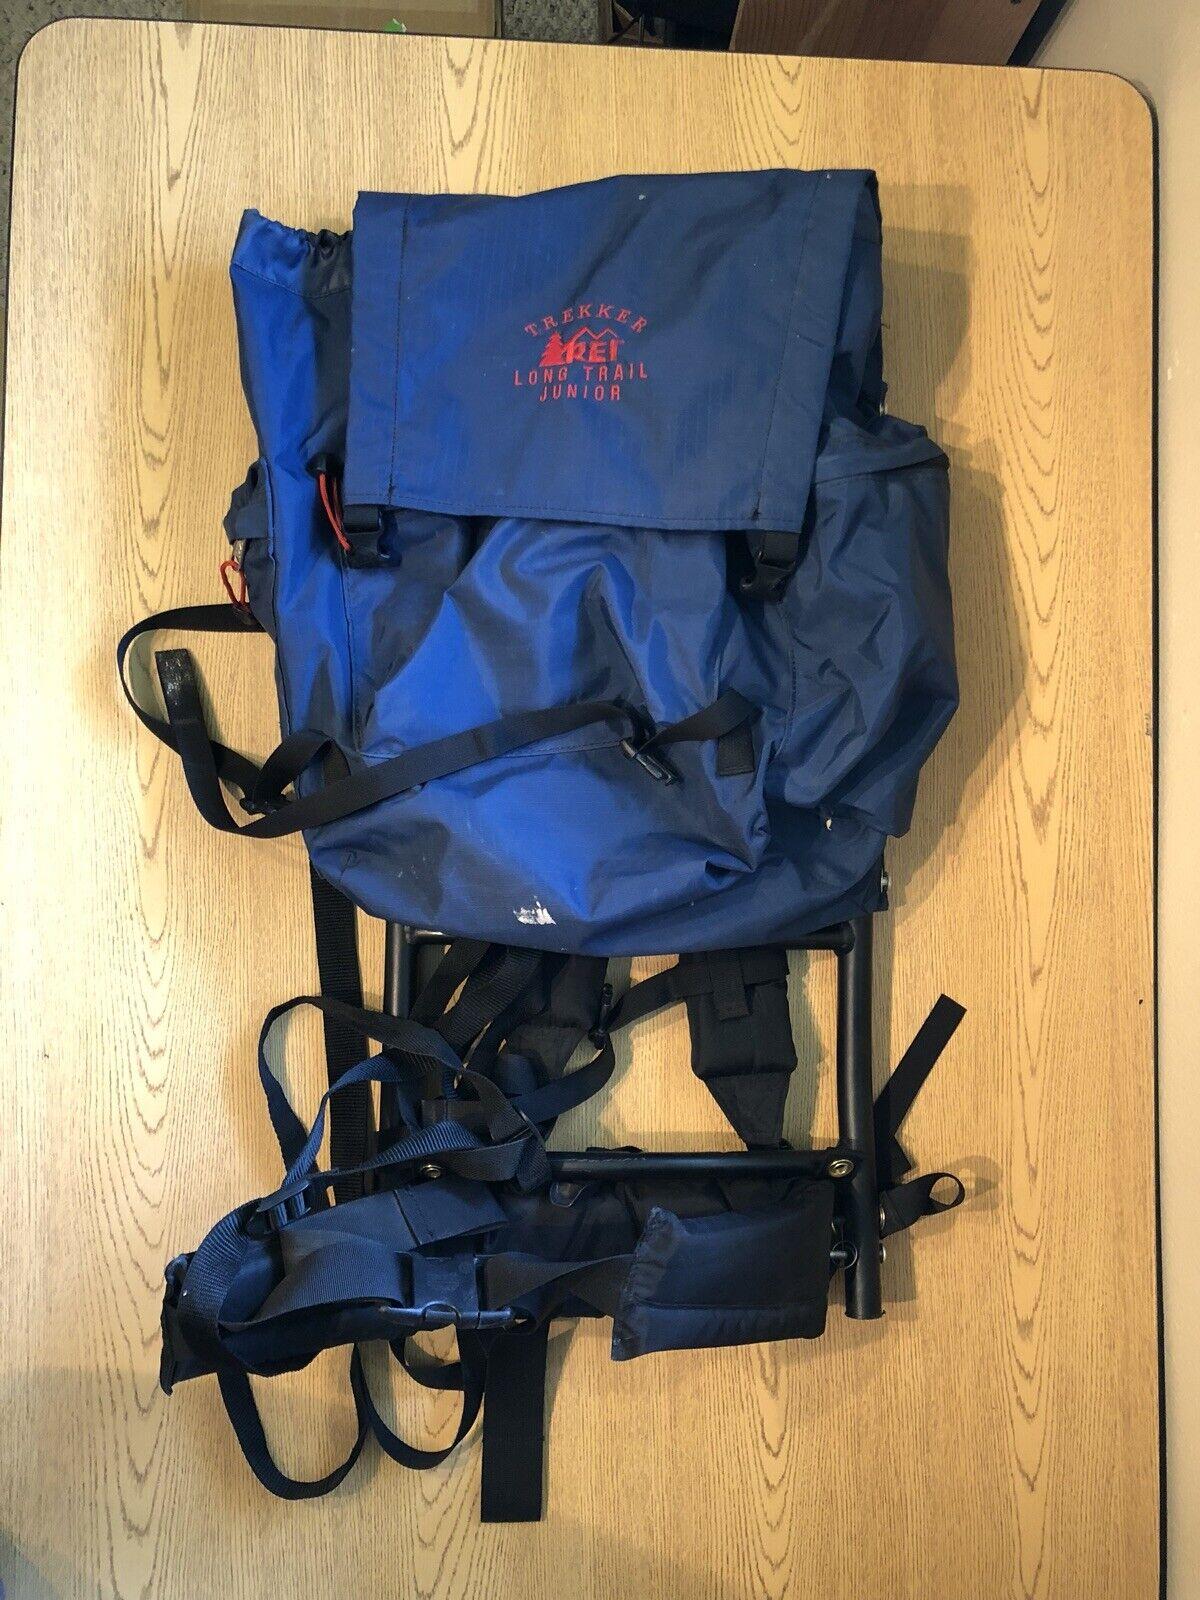 REI Trekker Long Trail Junior Backpack For Hiking Camping Kids